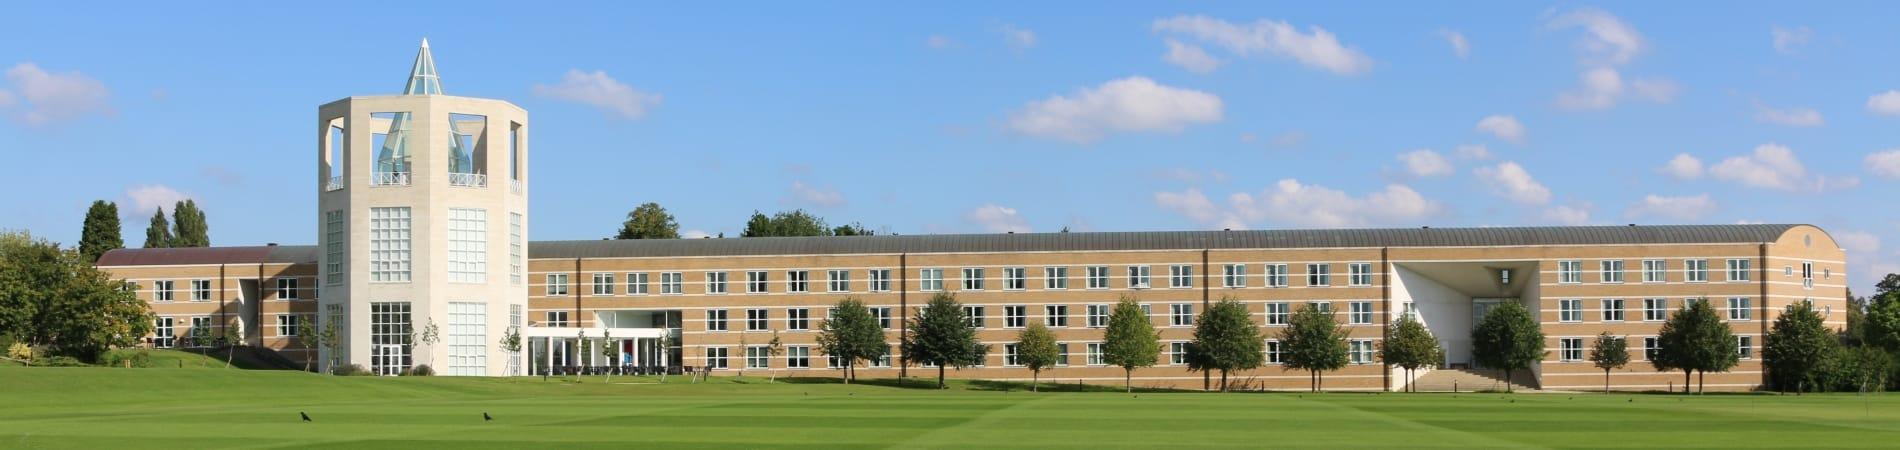 Picture of Moller Institute